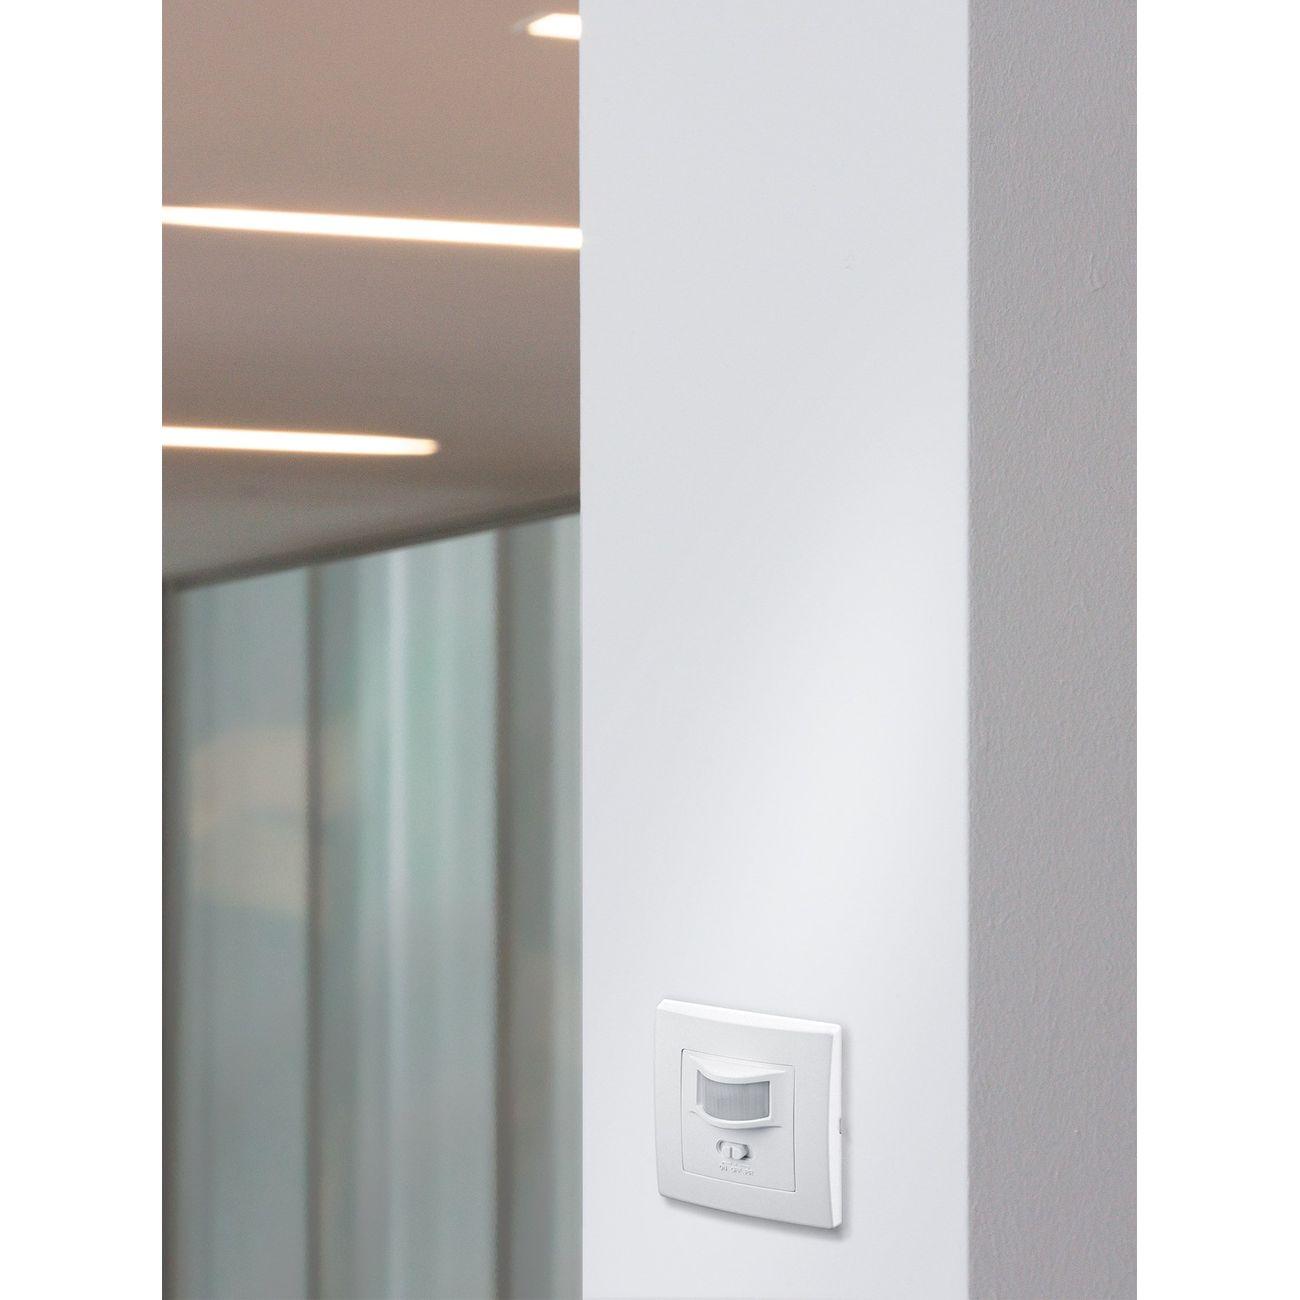 infrarot bewegungsmelder unterputz wand einbau 160 f r lampen leuchten led ebay. Black Bedroom Furniture Sets. Home Design Ideas